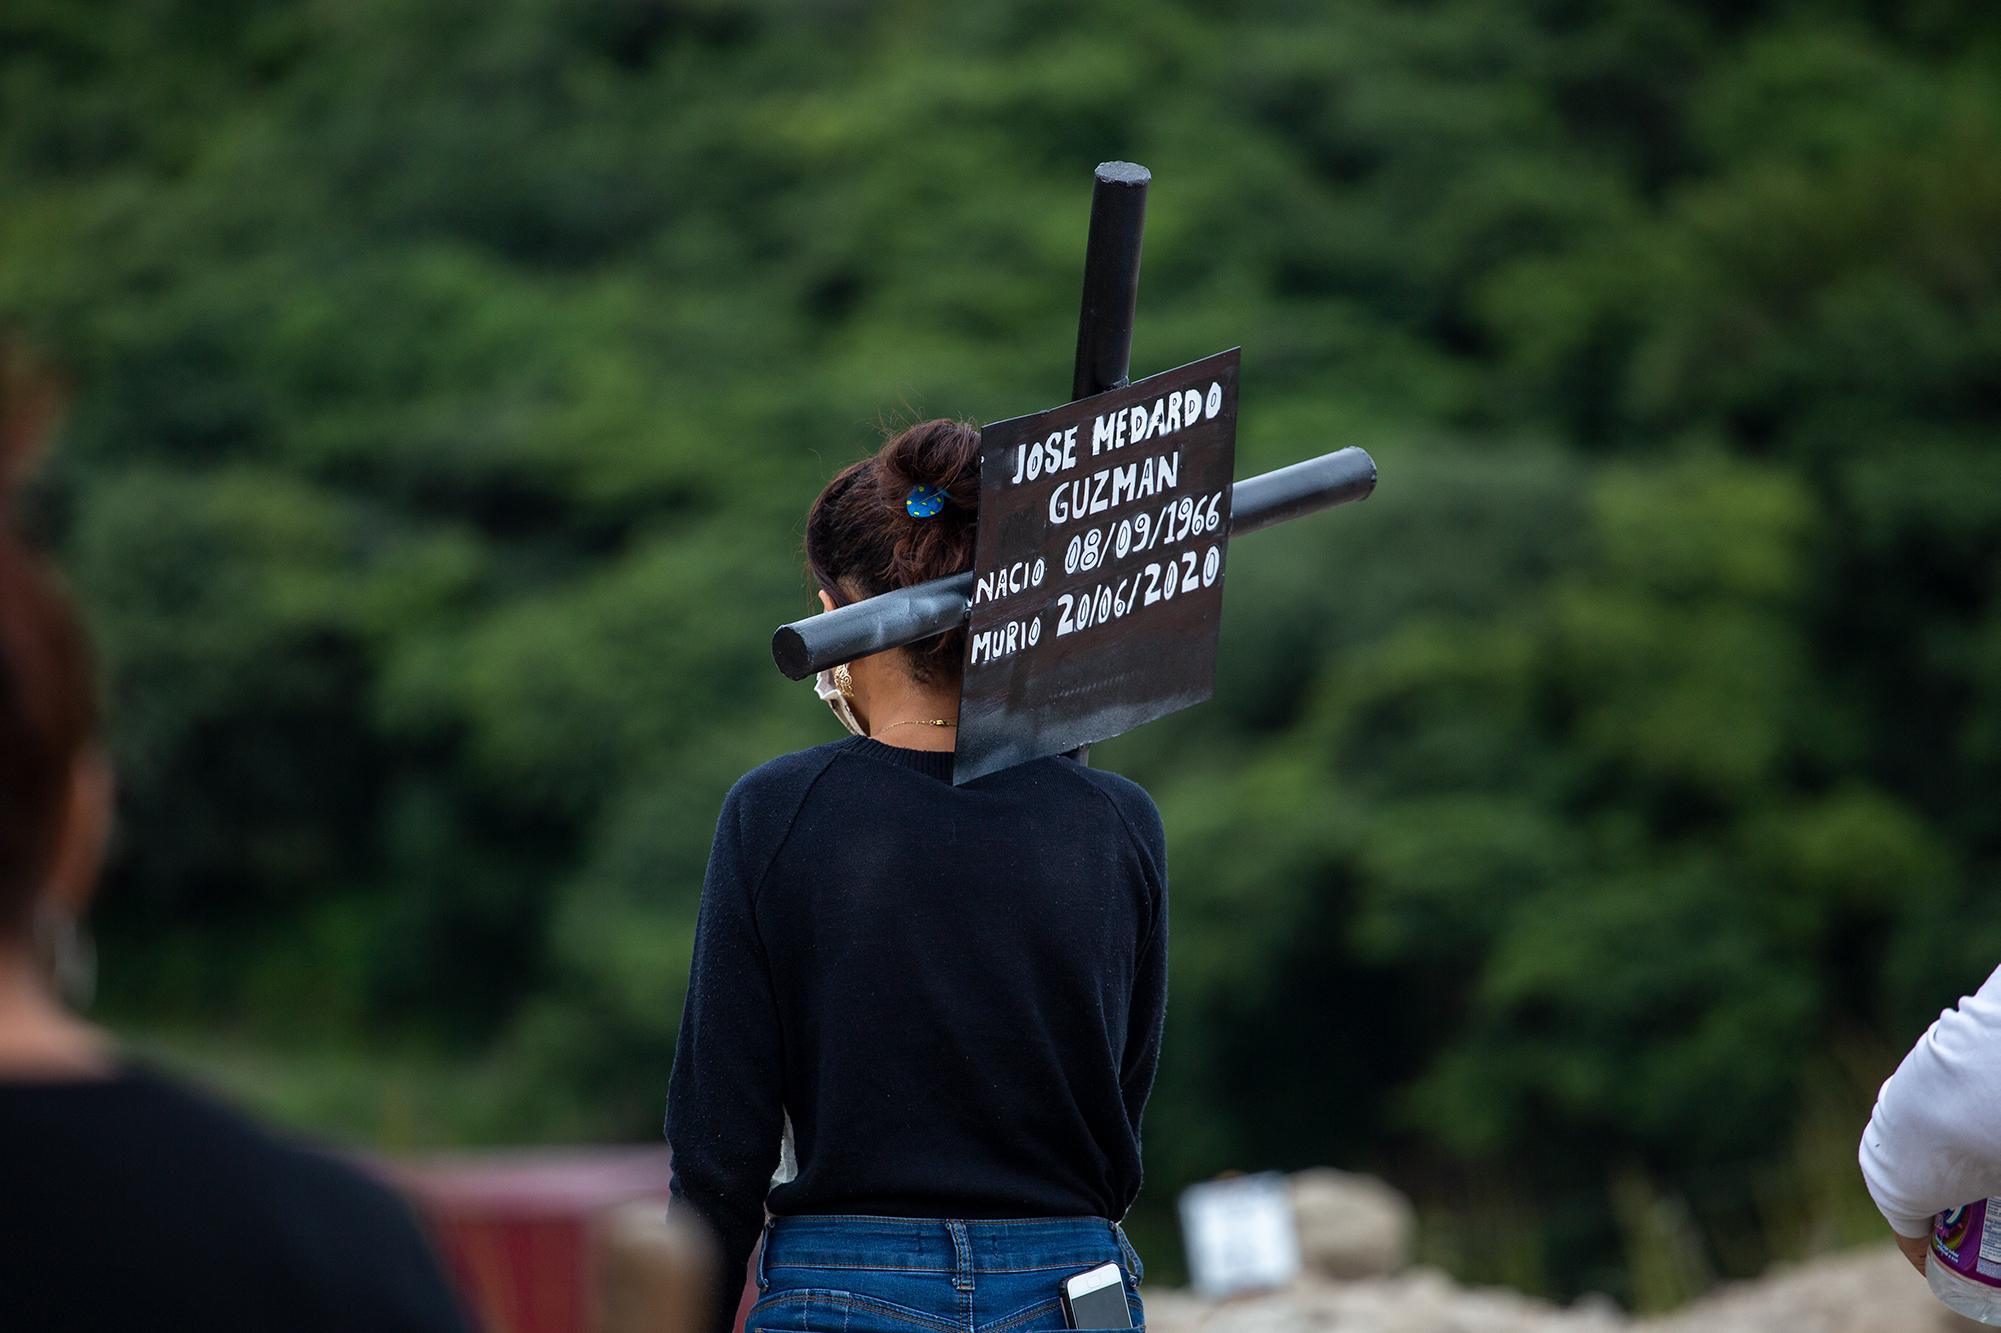 Una joven carga una cruz de metal de su familiar fallecido por Covid-19 el pasado 20 de junio. Comayagüela, 2 de noviembre de 2020. Foto: Martín Cálix.